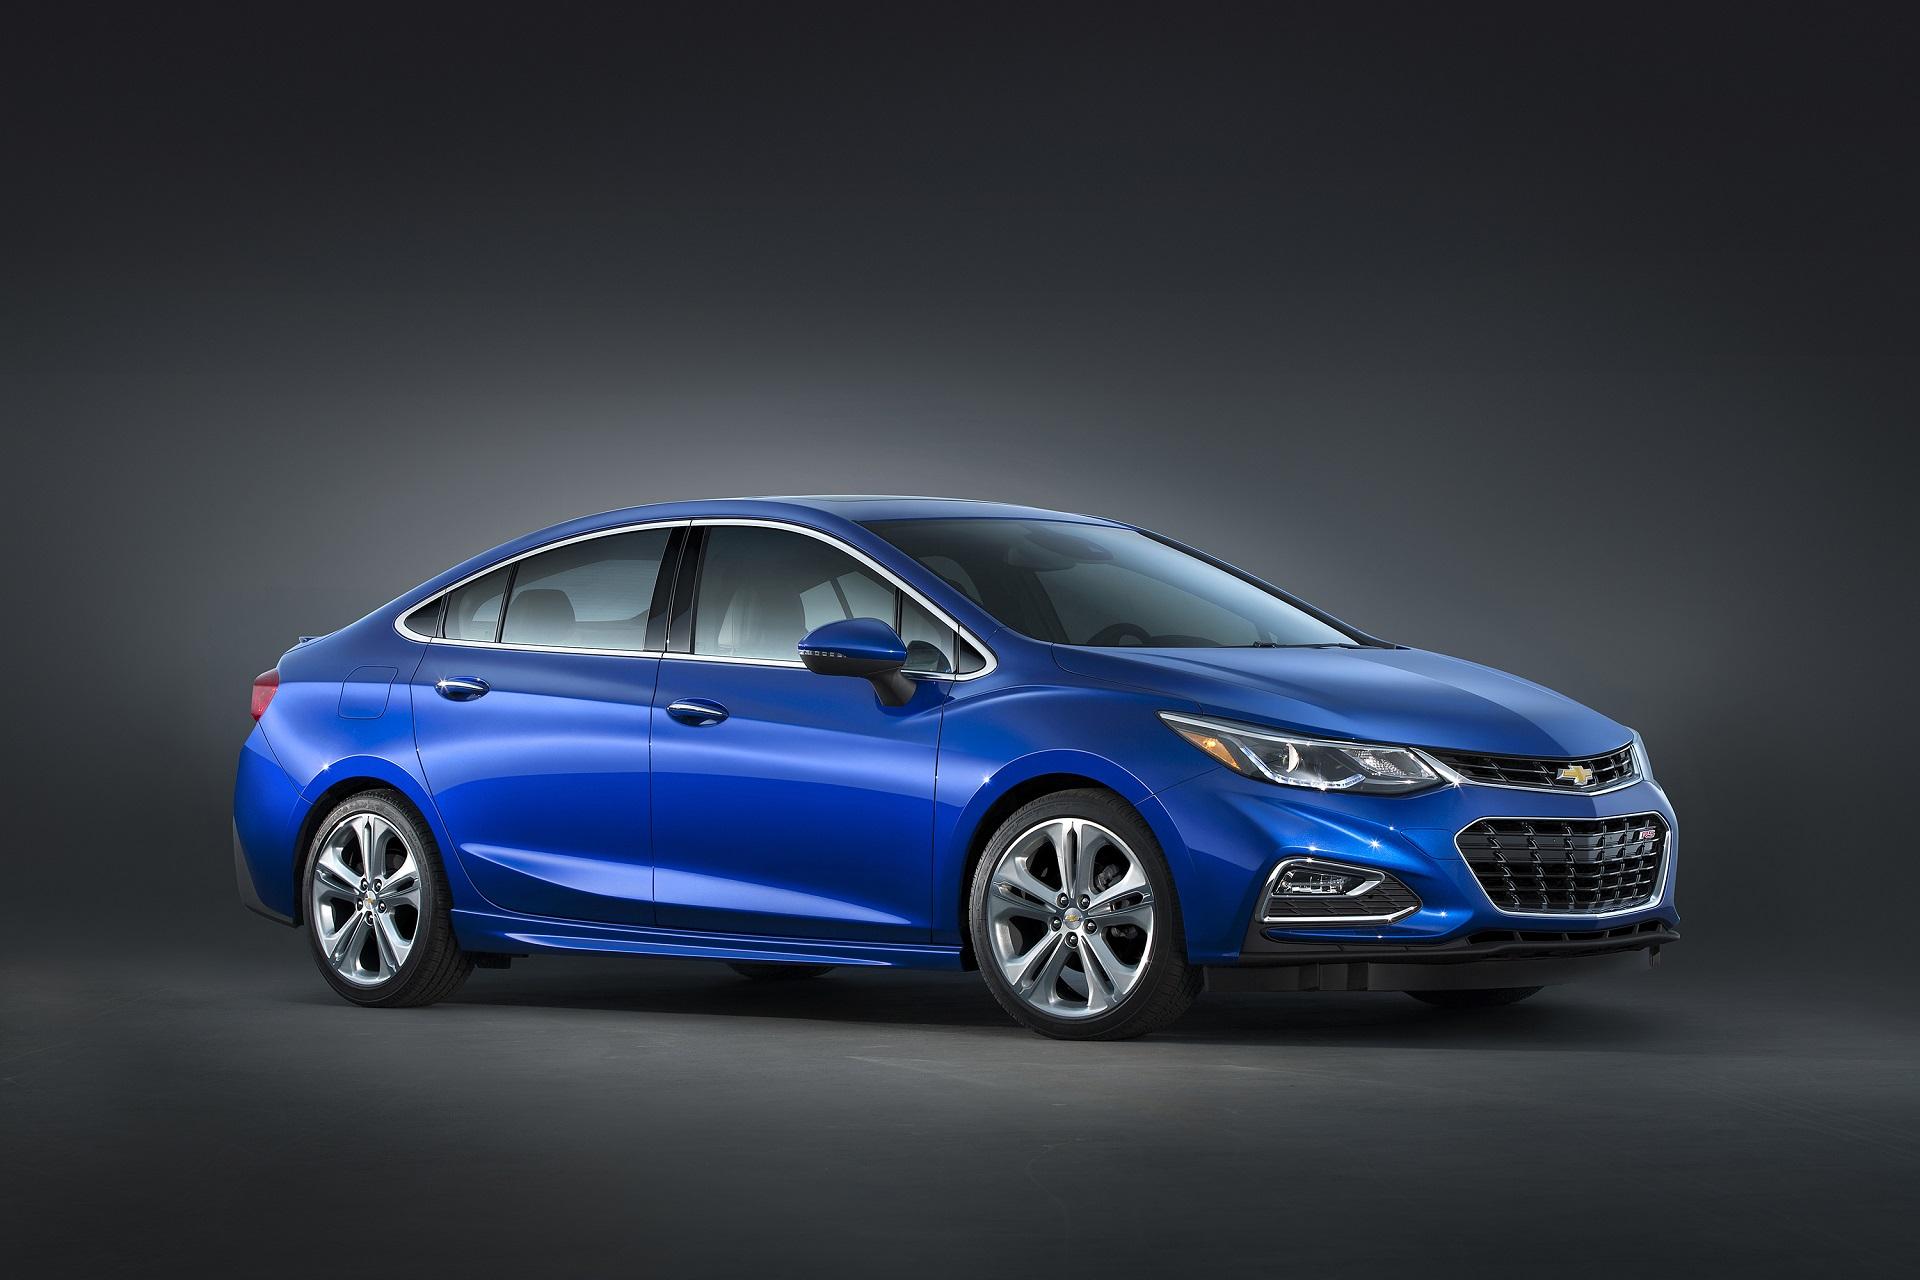 2017 Chevrolet Cruze Vs Hyundai Elantra Compare Cars